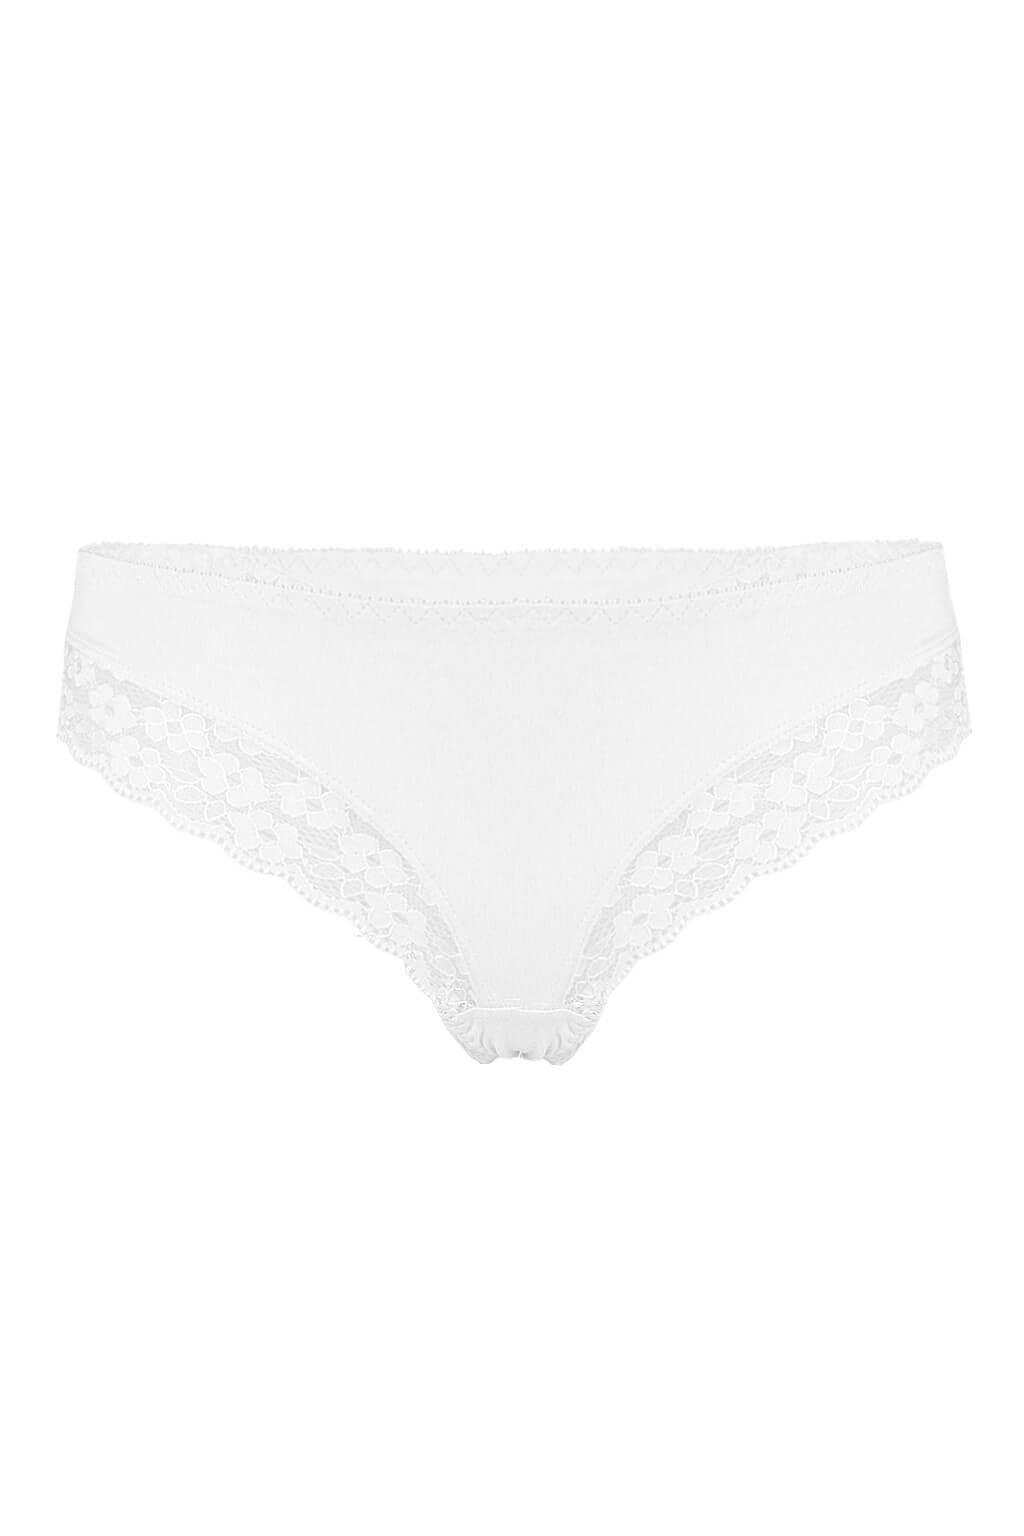 Rio Brazils krajkové kalhotky - brazilky M bílá